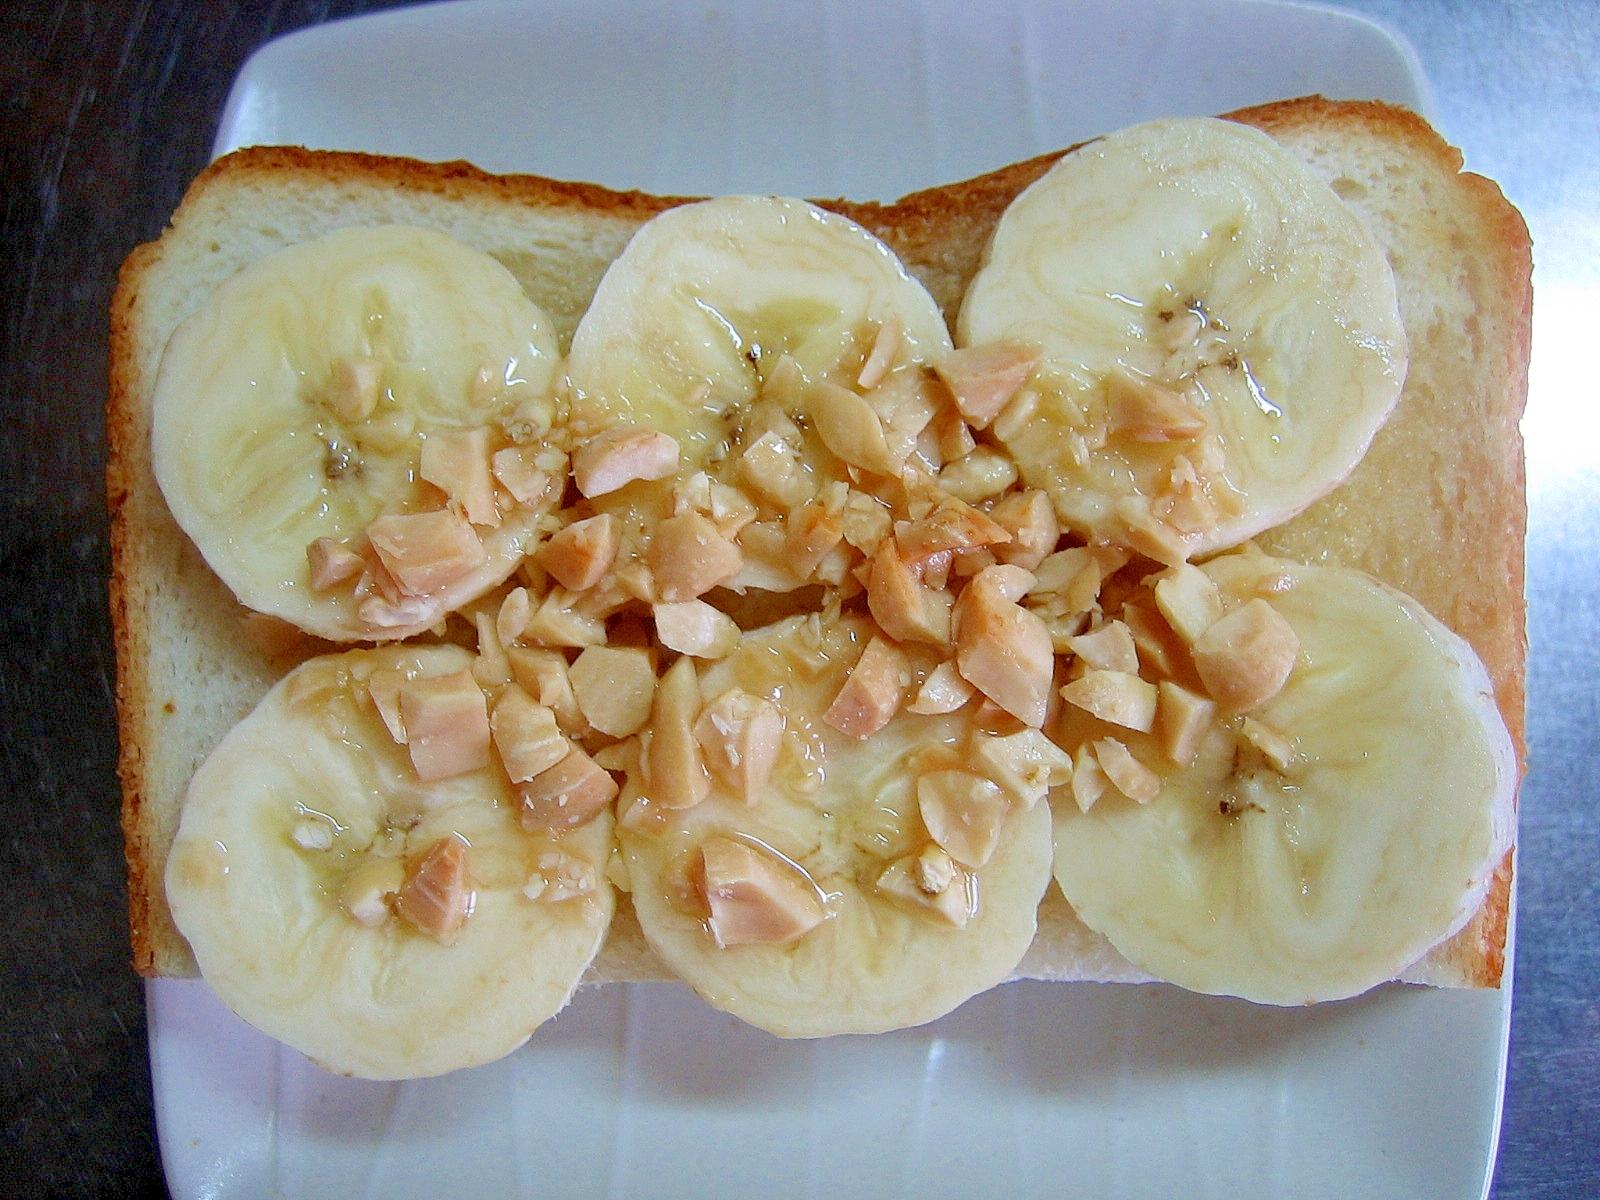 バナナ&ピーナッツのメープルシロップかけトースト